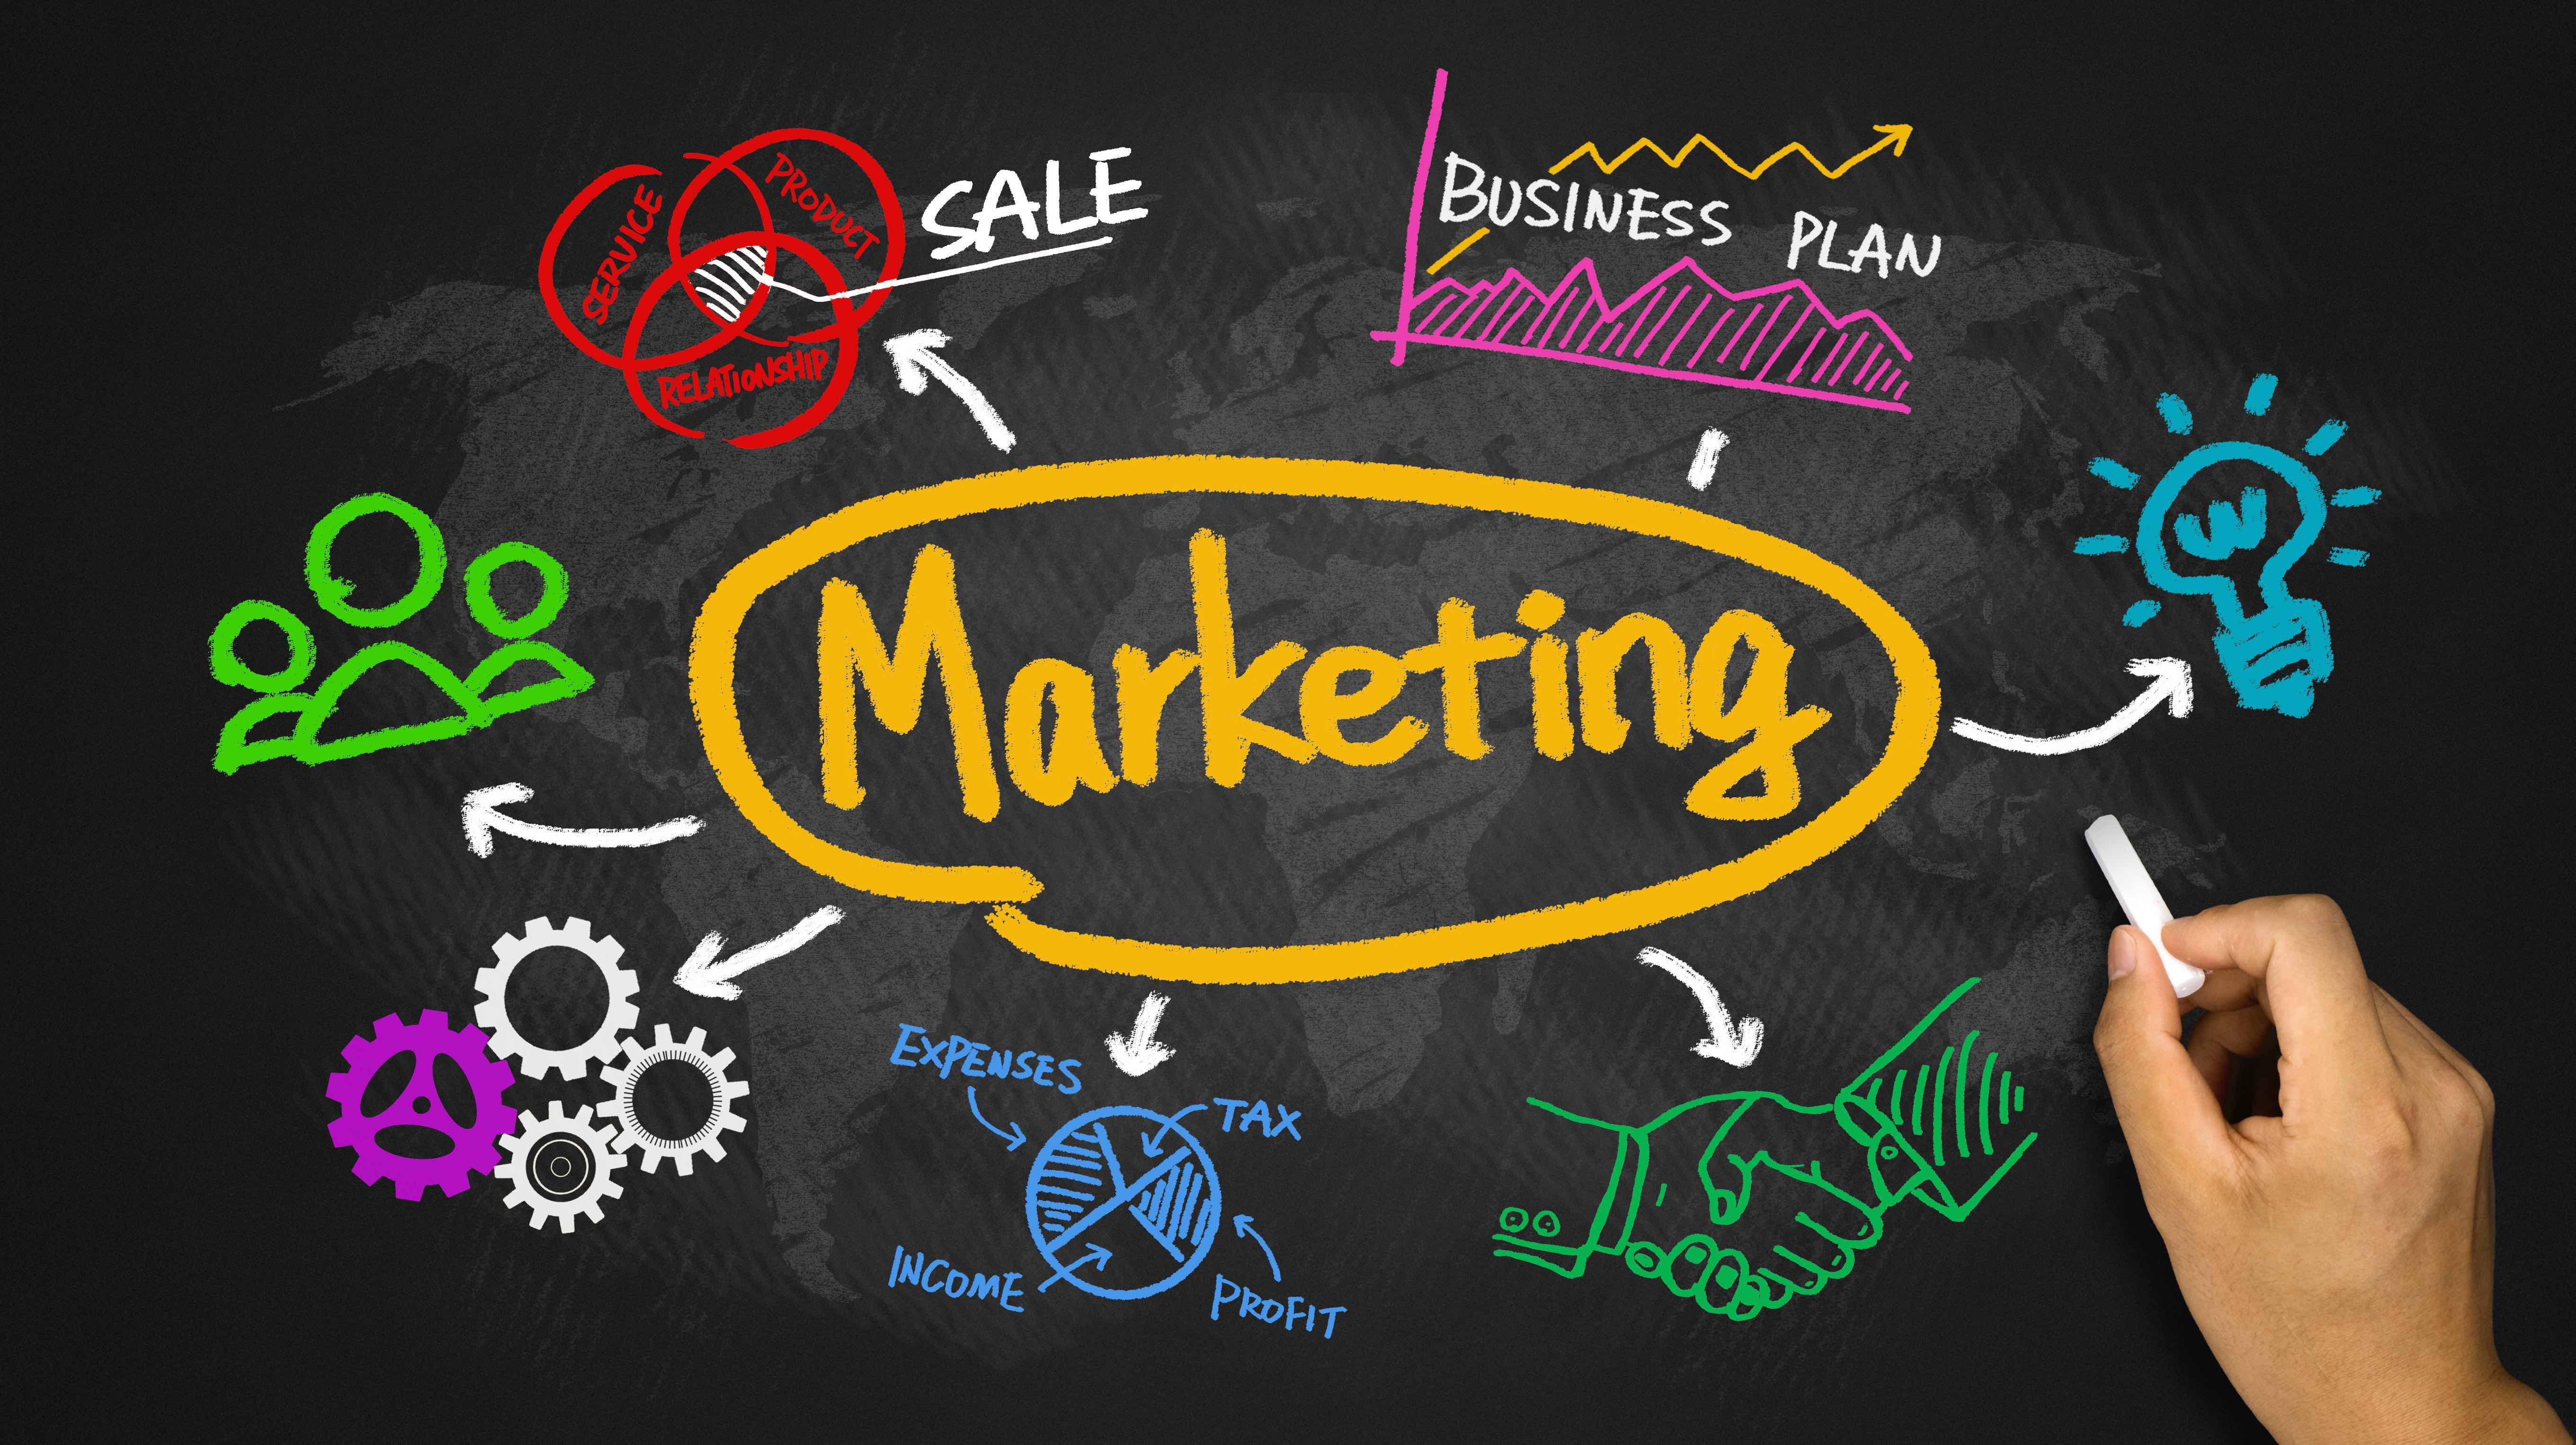 Marketing là cầu nối giữa doanh nghiệp và người tiêu dùng